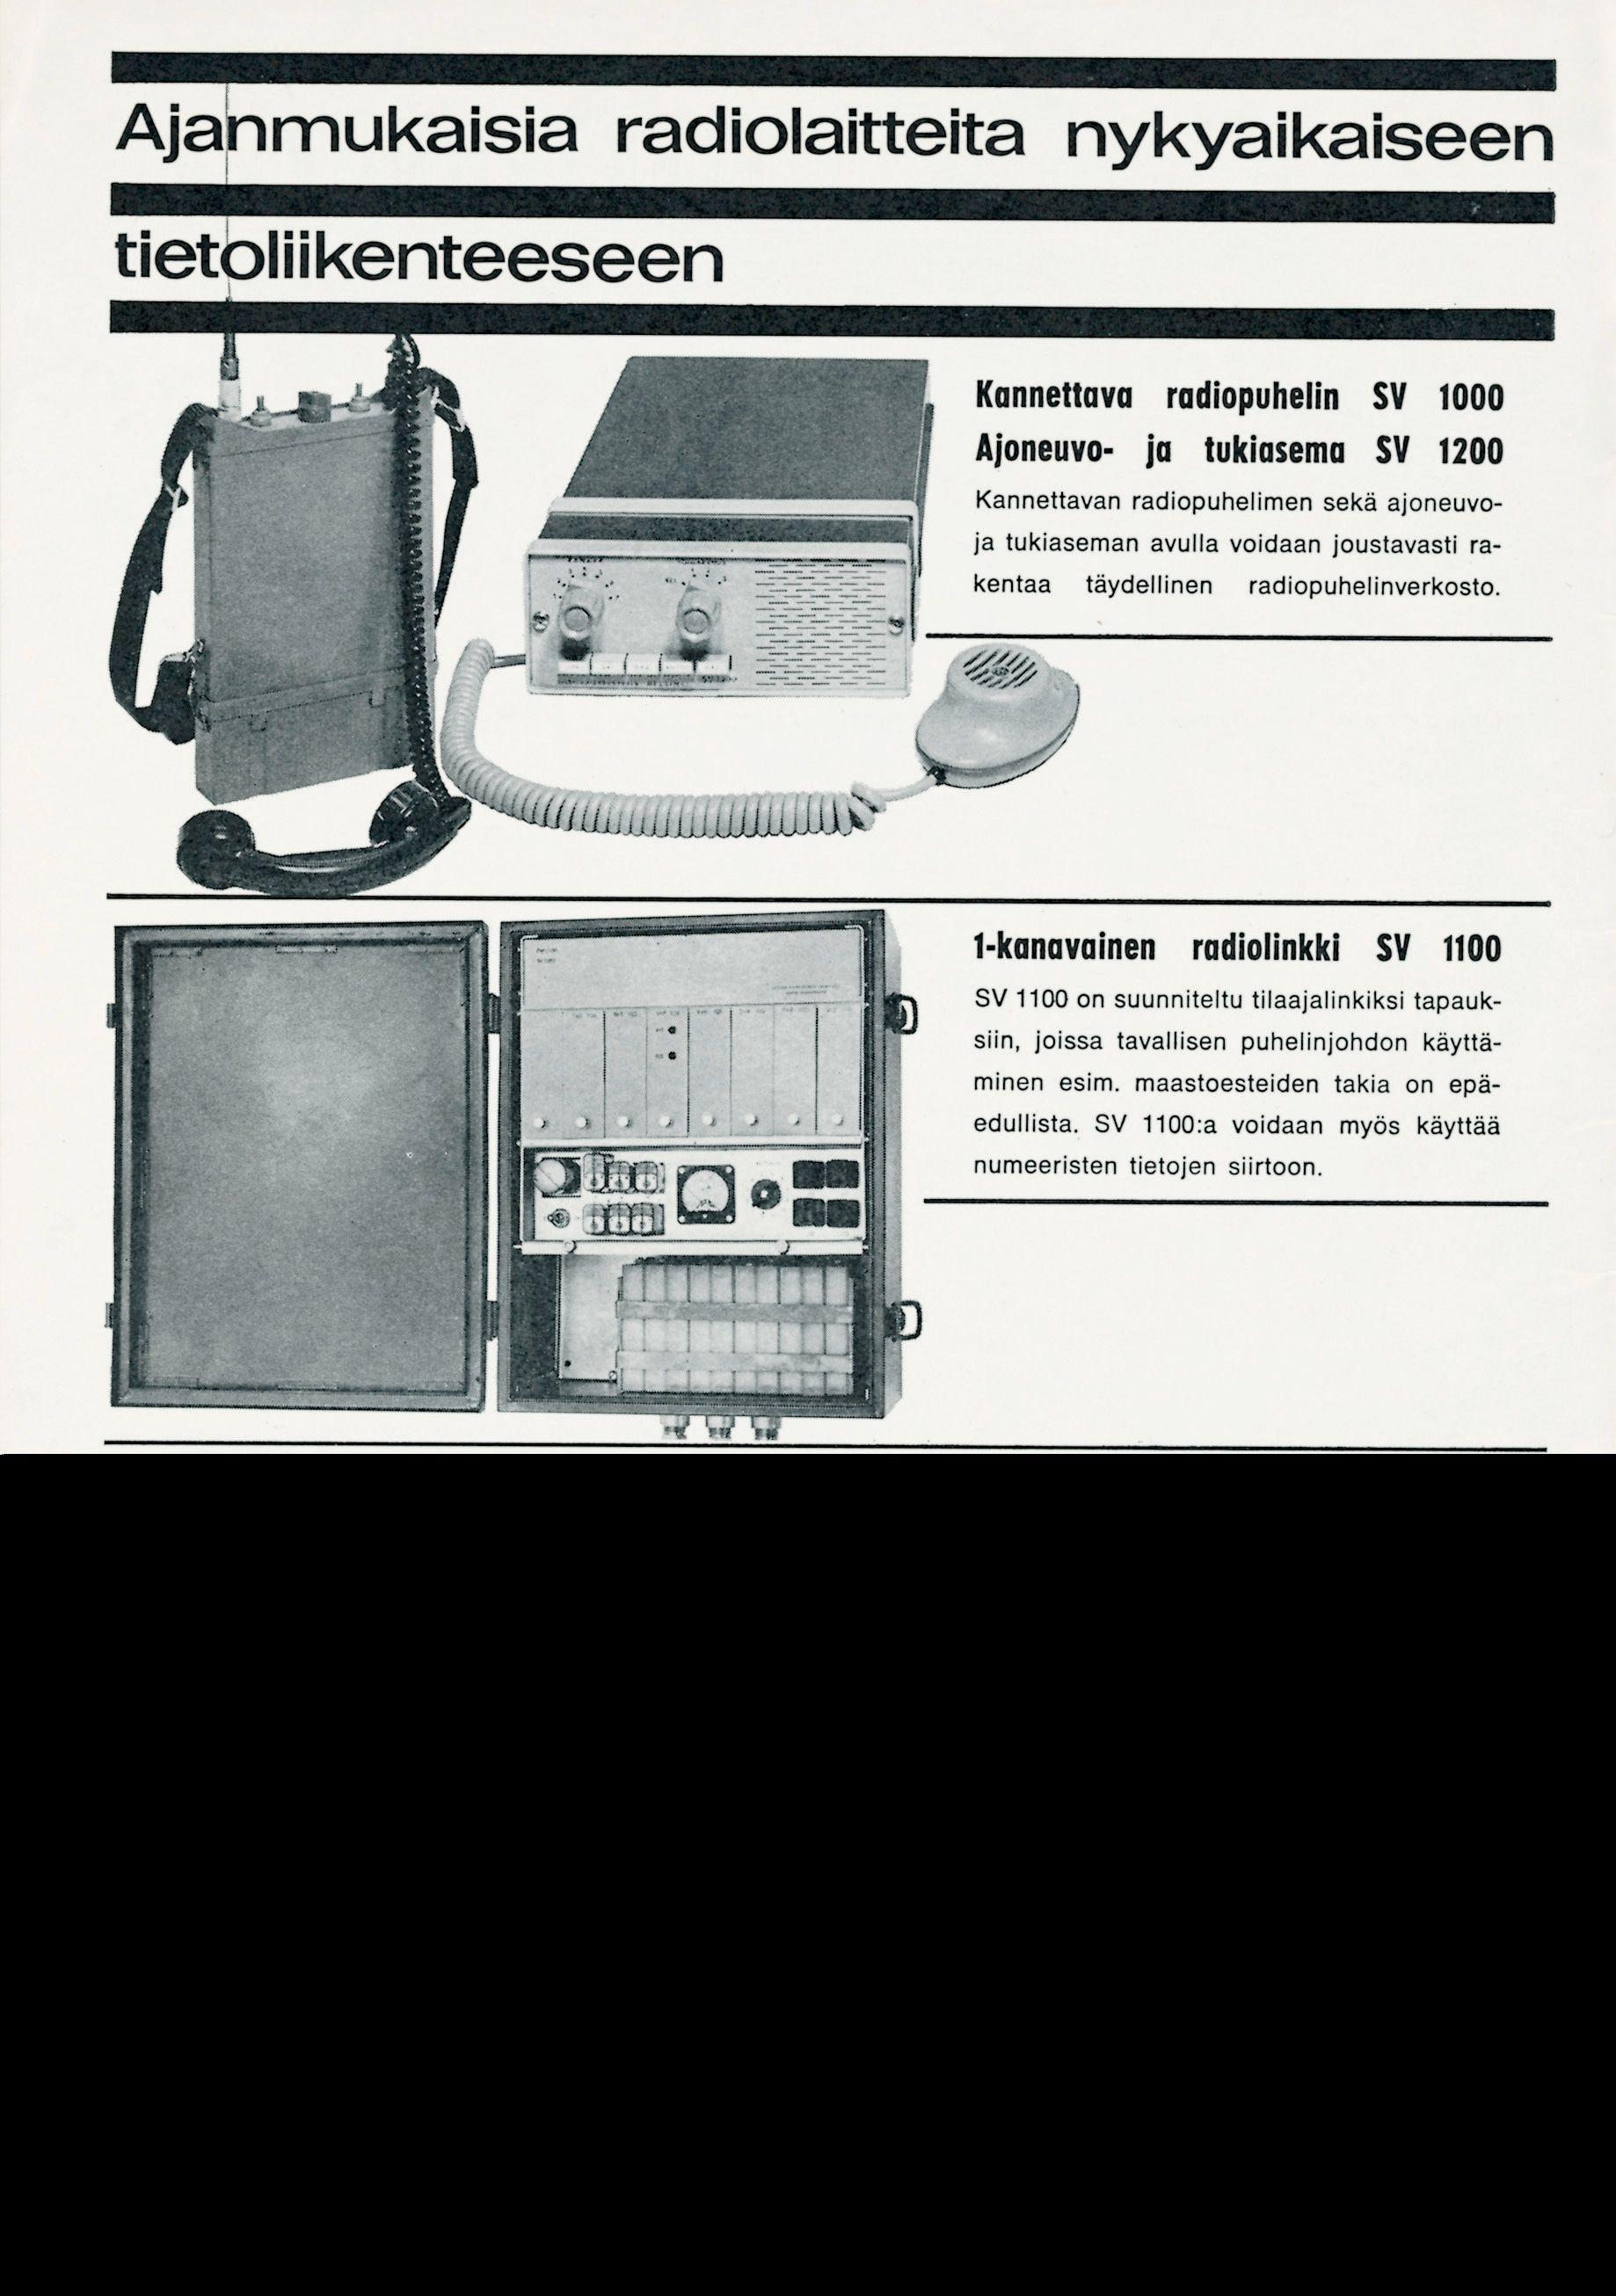 En annonse for Nokia radiokommunikasjonsutstyr, fra 1967.